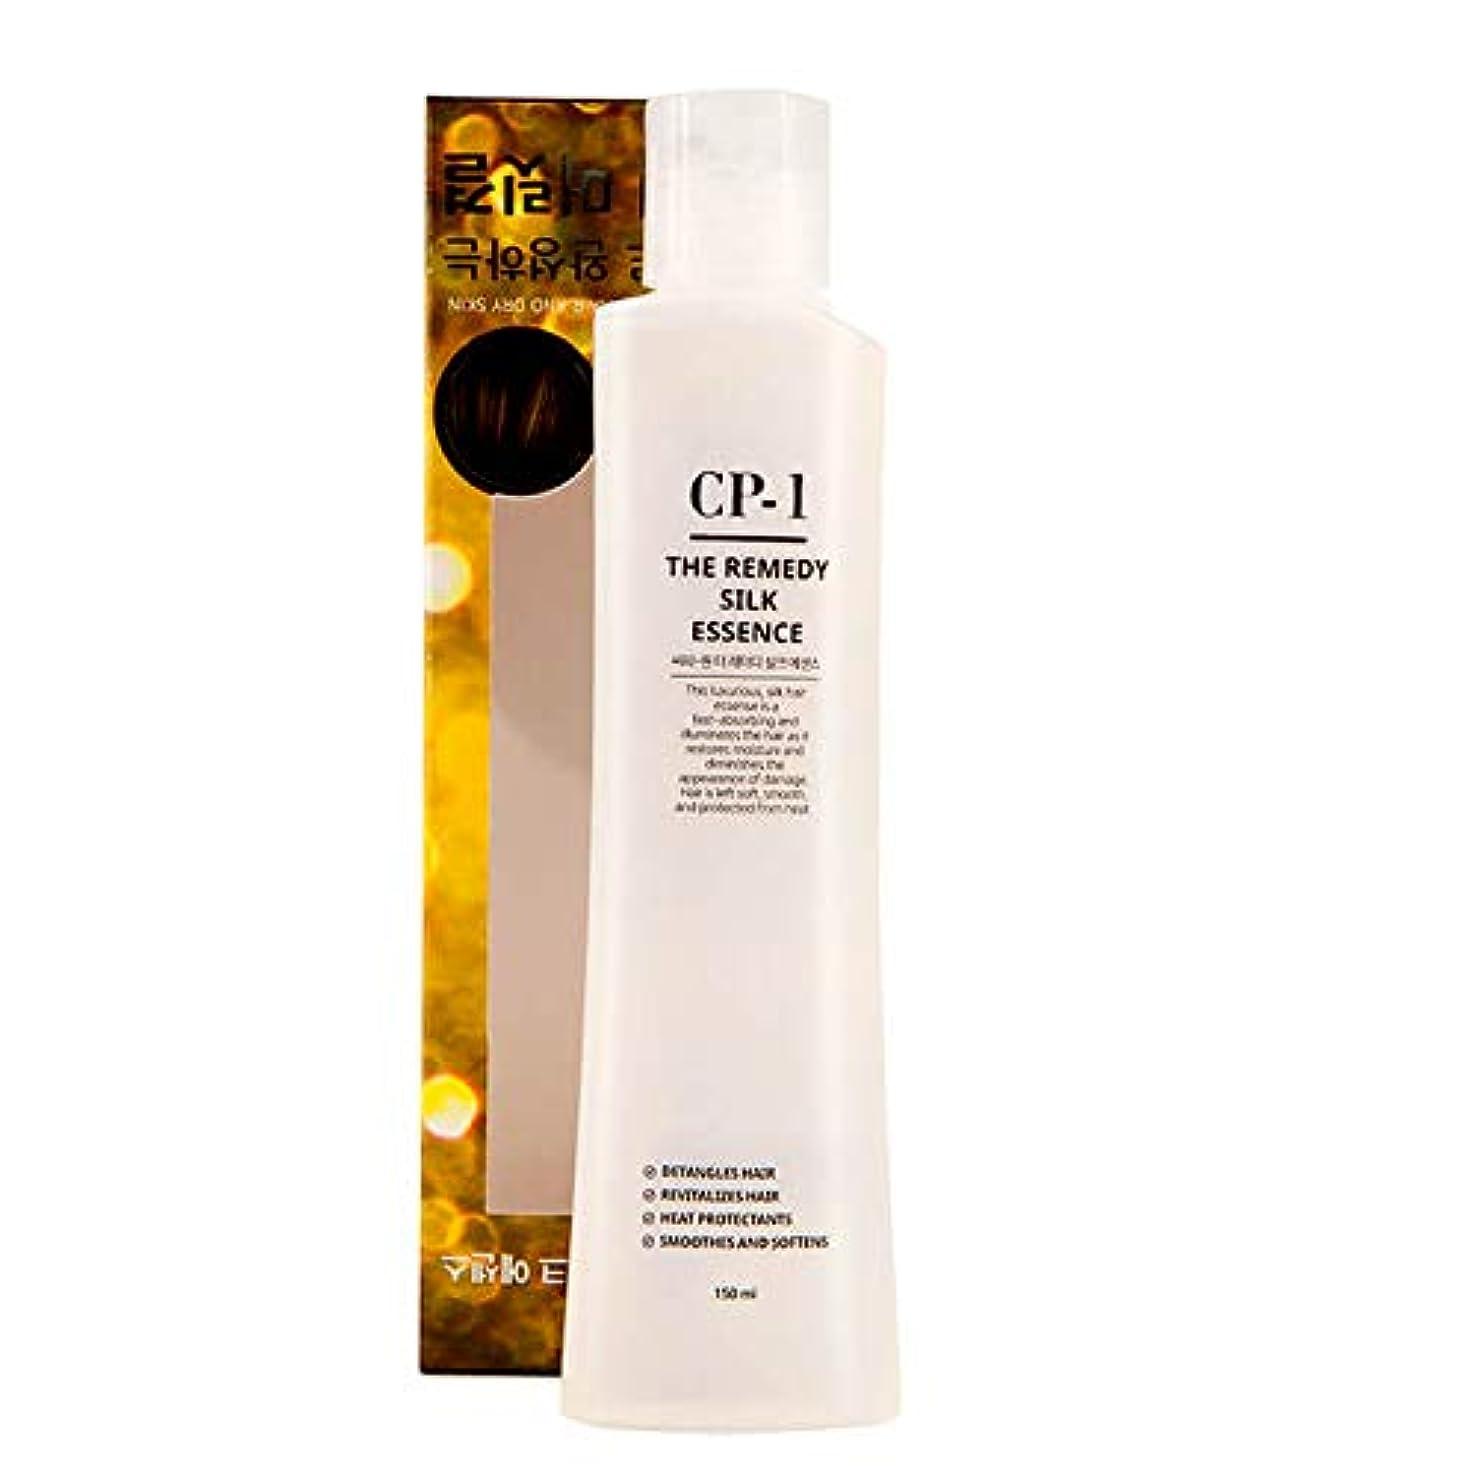 クロス意図タクトEsthetic House[エステティックハウス] CP-1 治療シルクエッセンス 150ml (傷んだ髪や乾燥肌の韓国のヘアケアに) / The Remedy Silk Essence